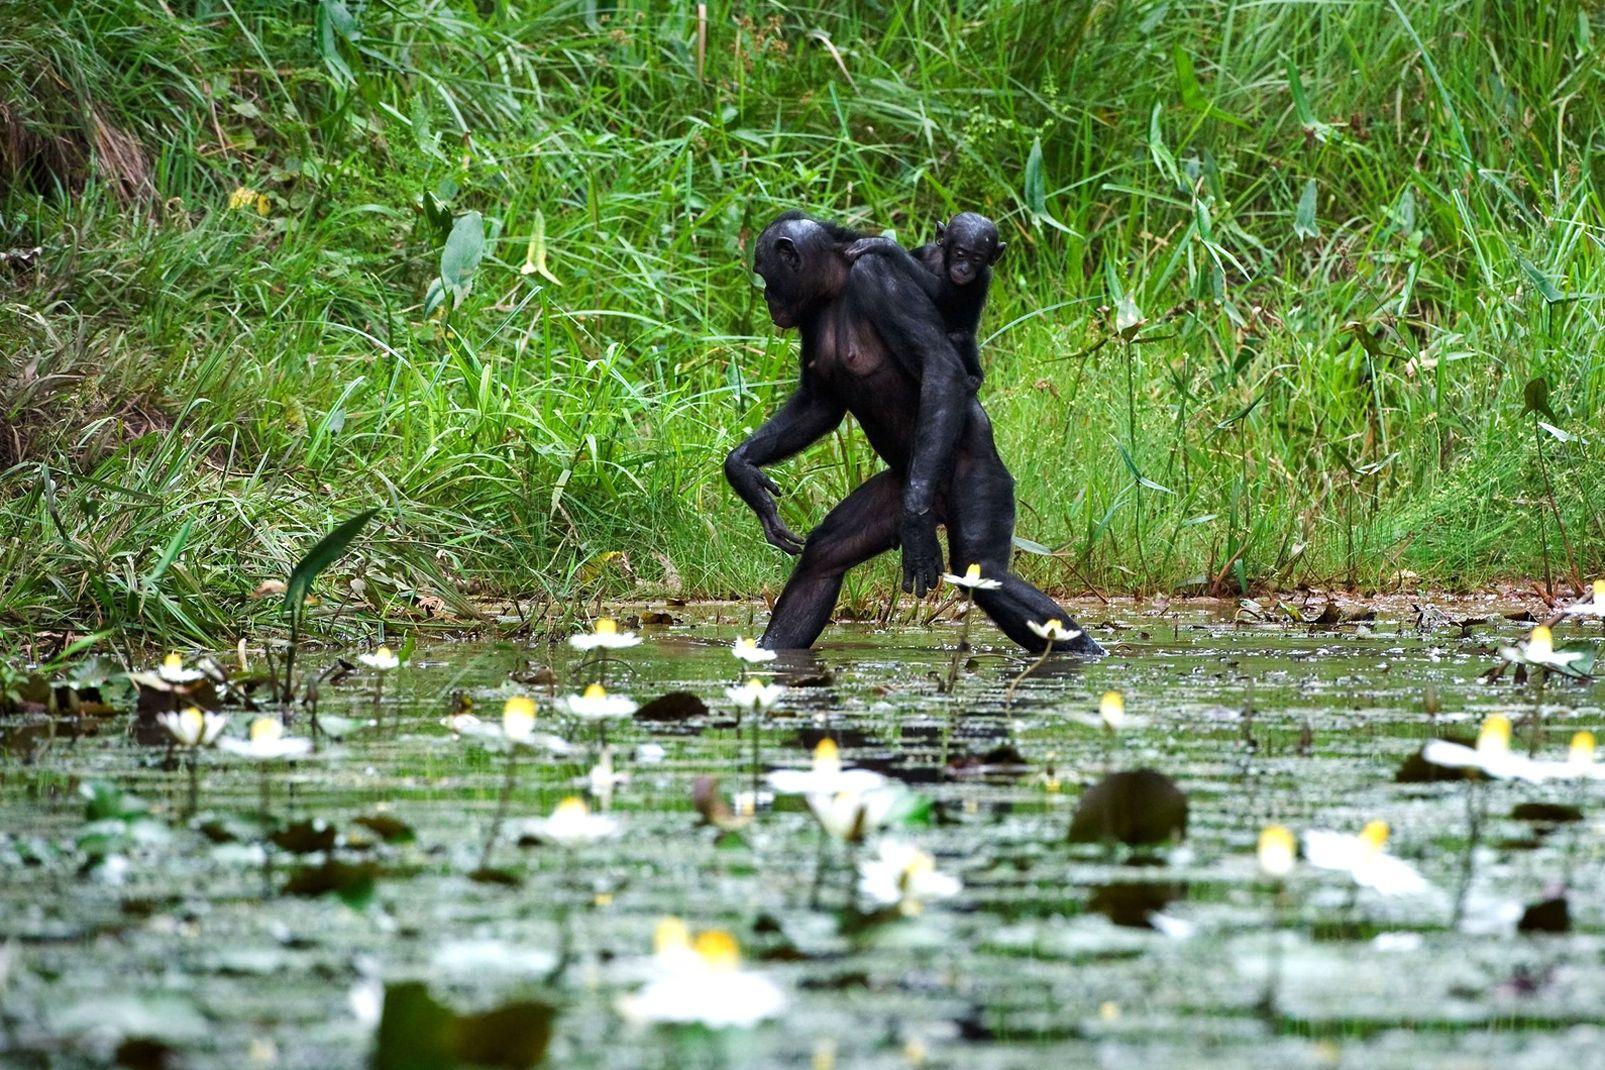 afrique, république, démocratique, congo, chimpanzé, mammifère, bébé, faune, flore